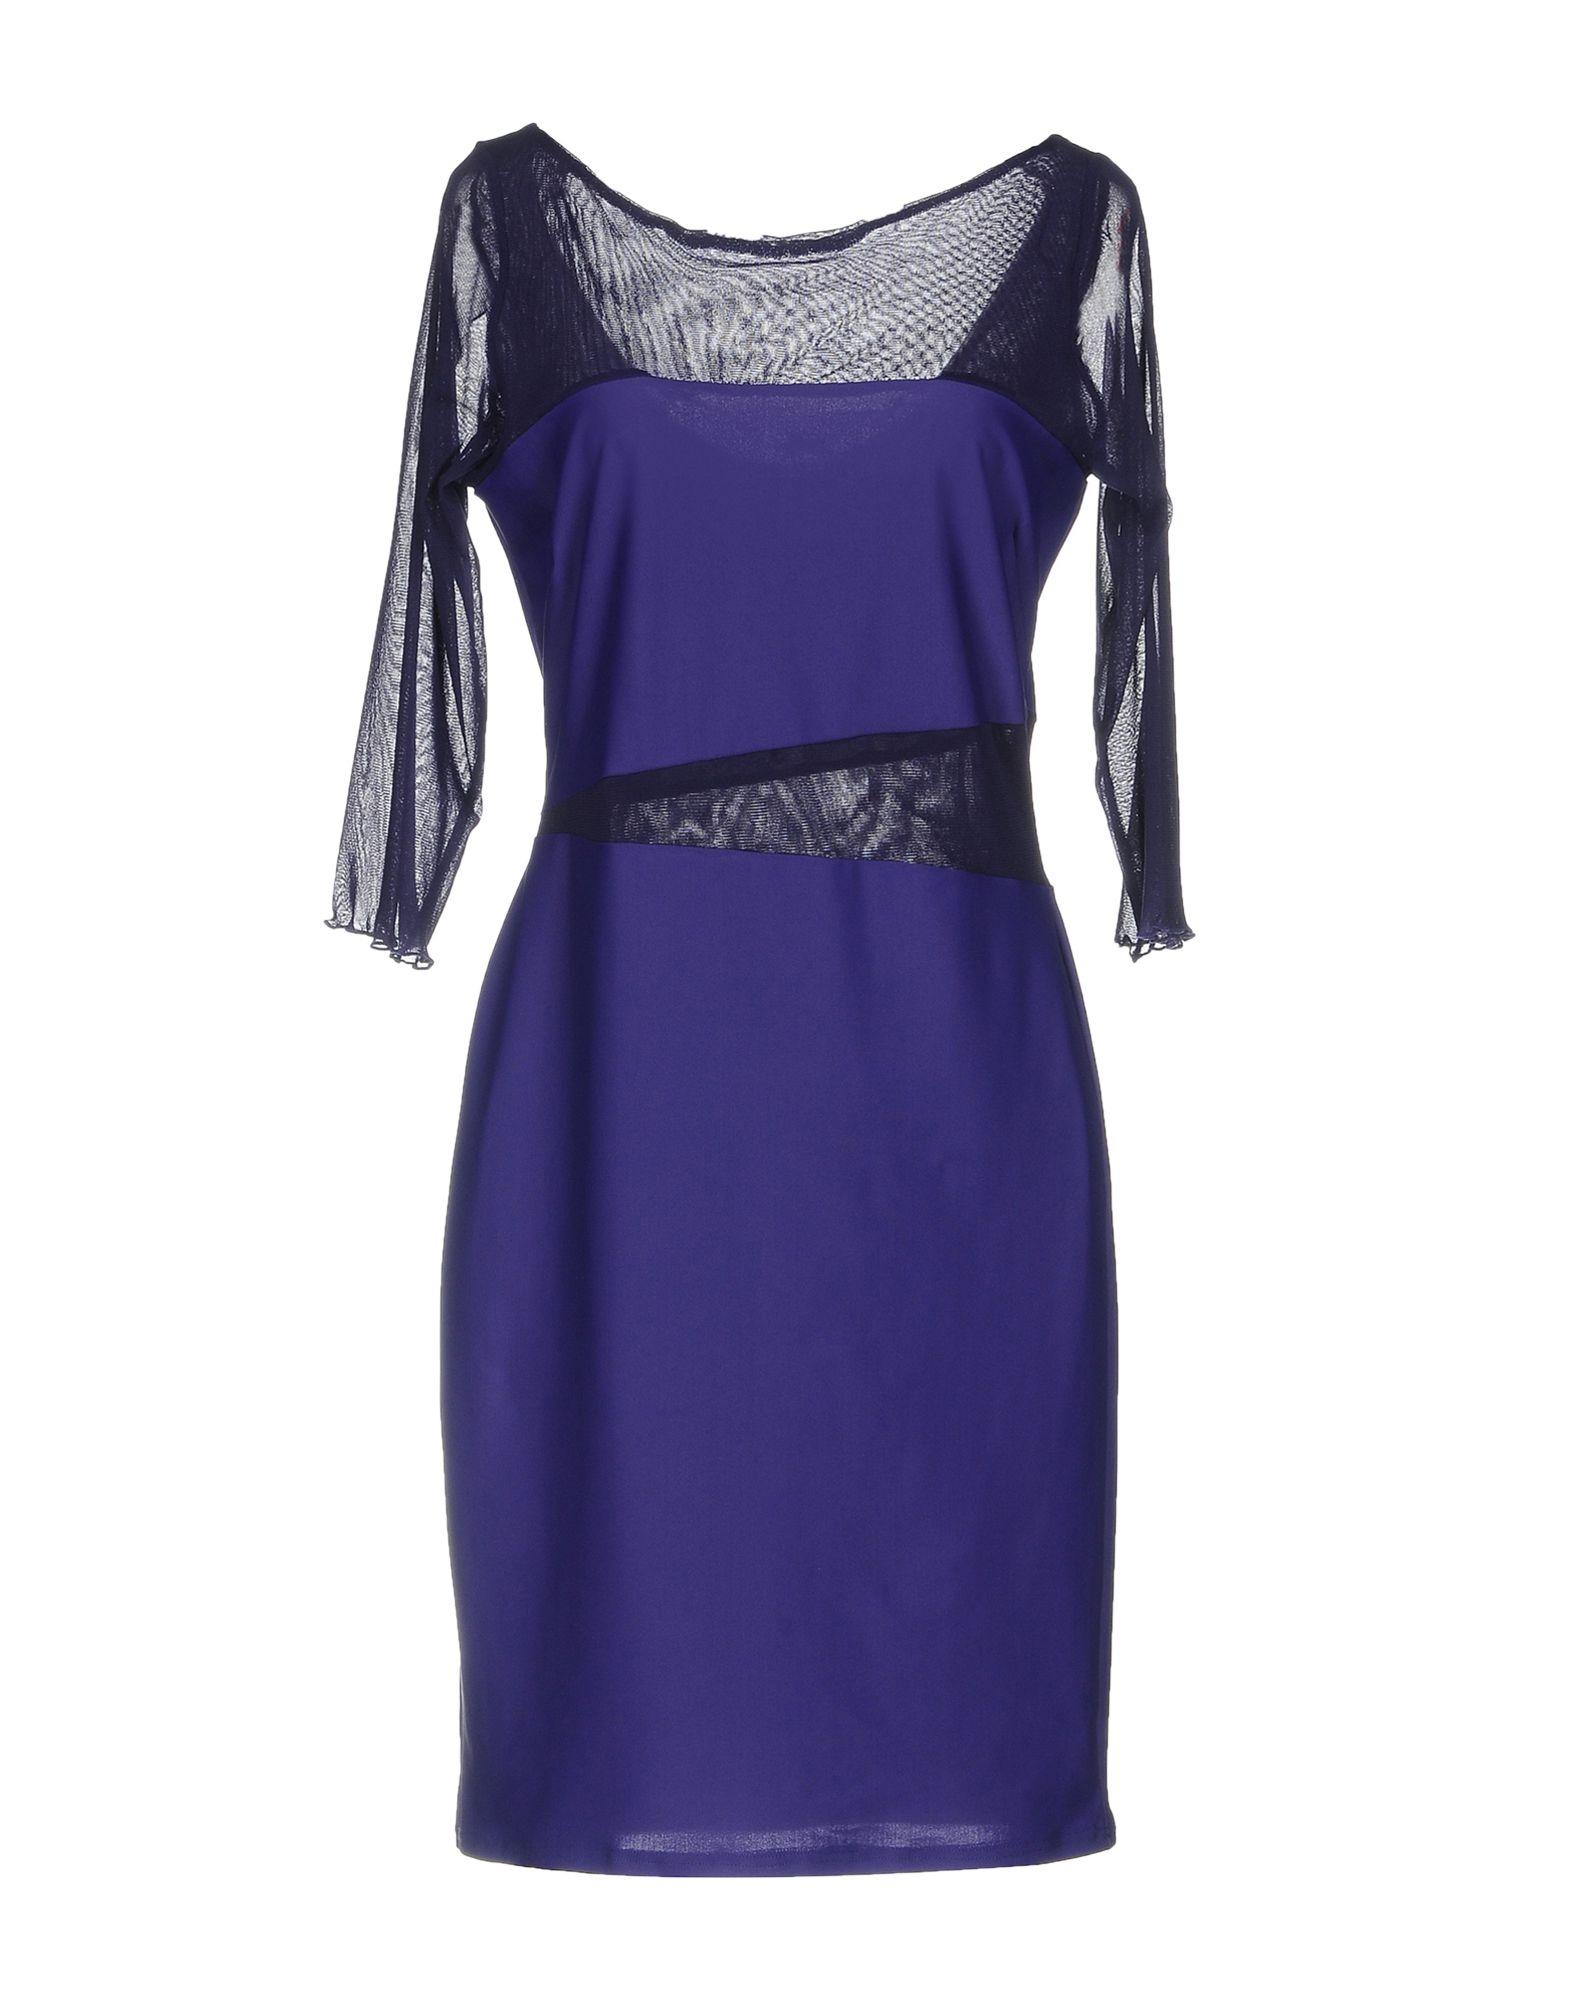 цены на ALESSANDRO LEGORA Короткое платье в интернет-магазинах